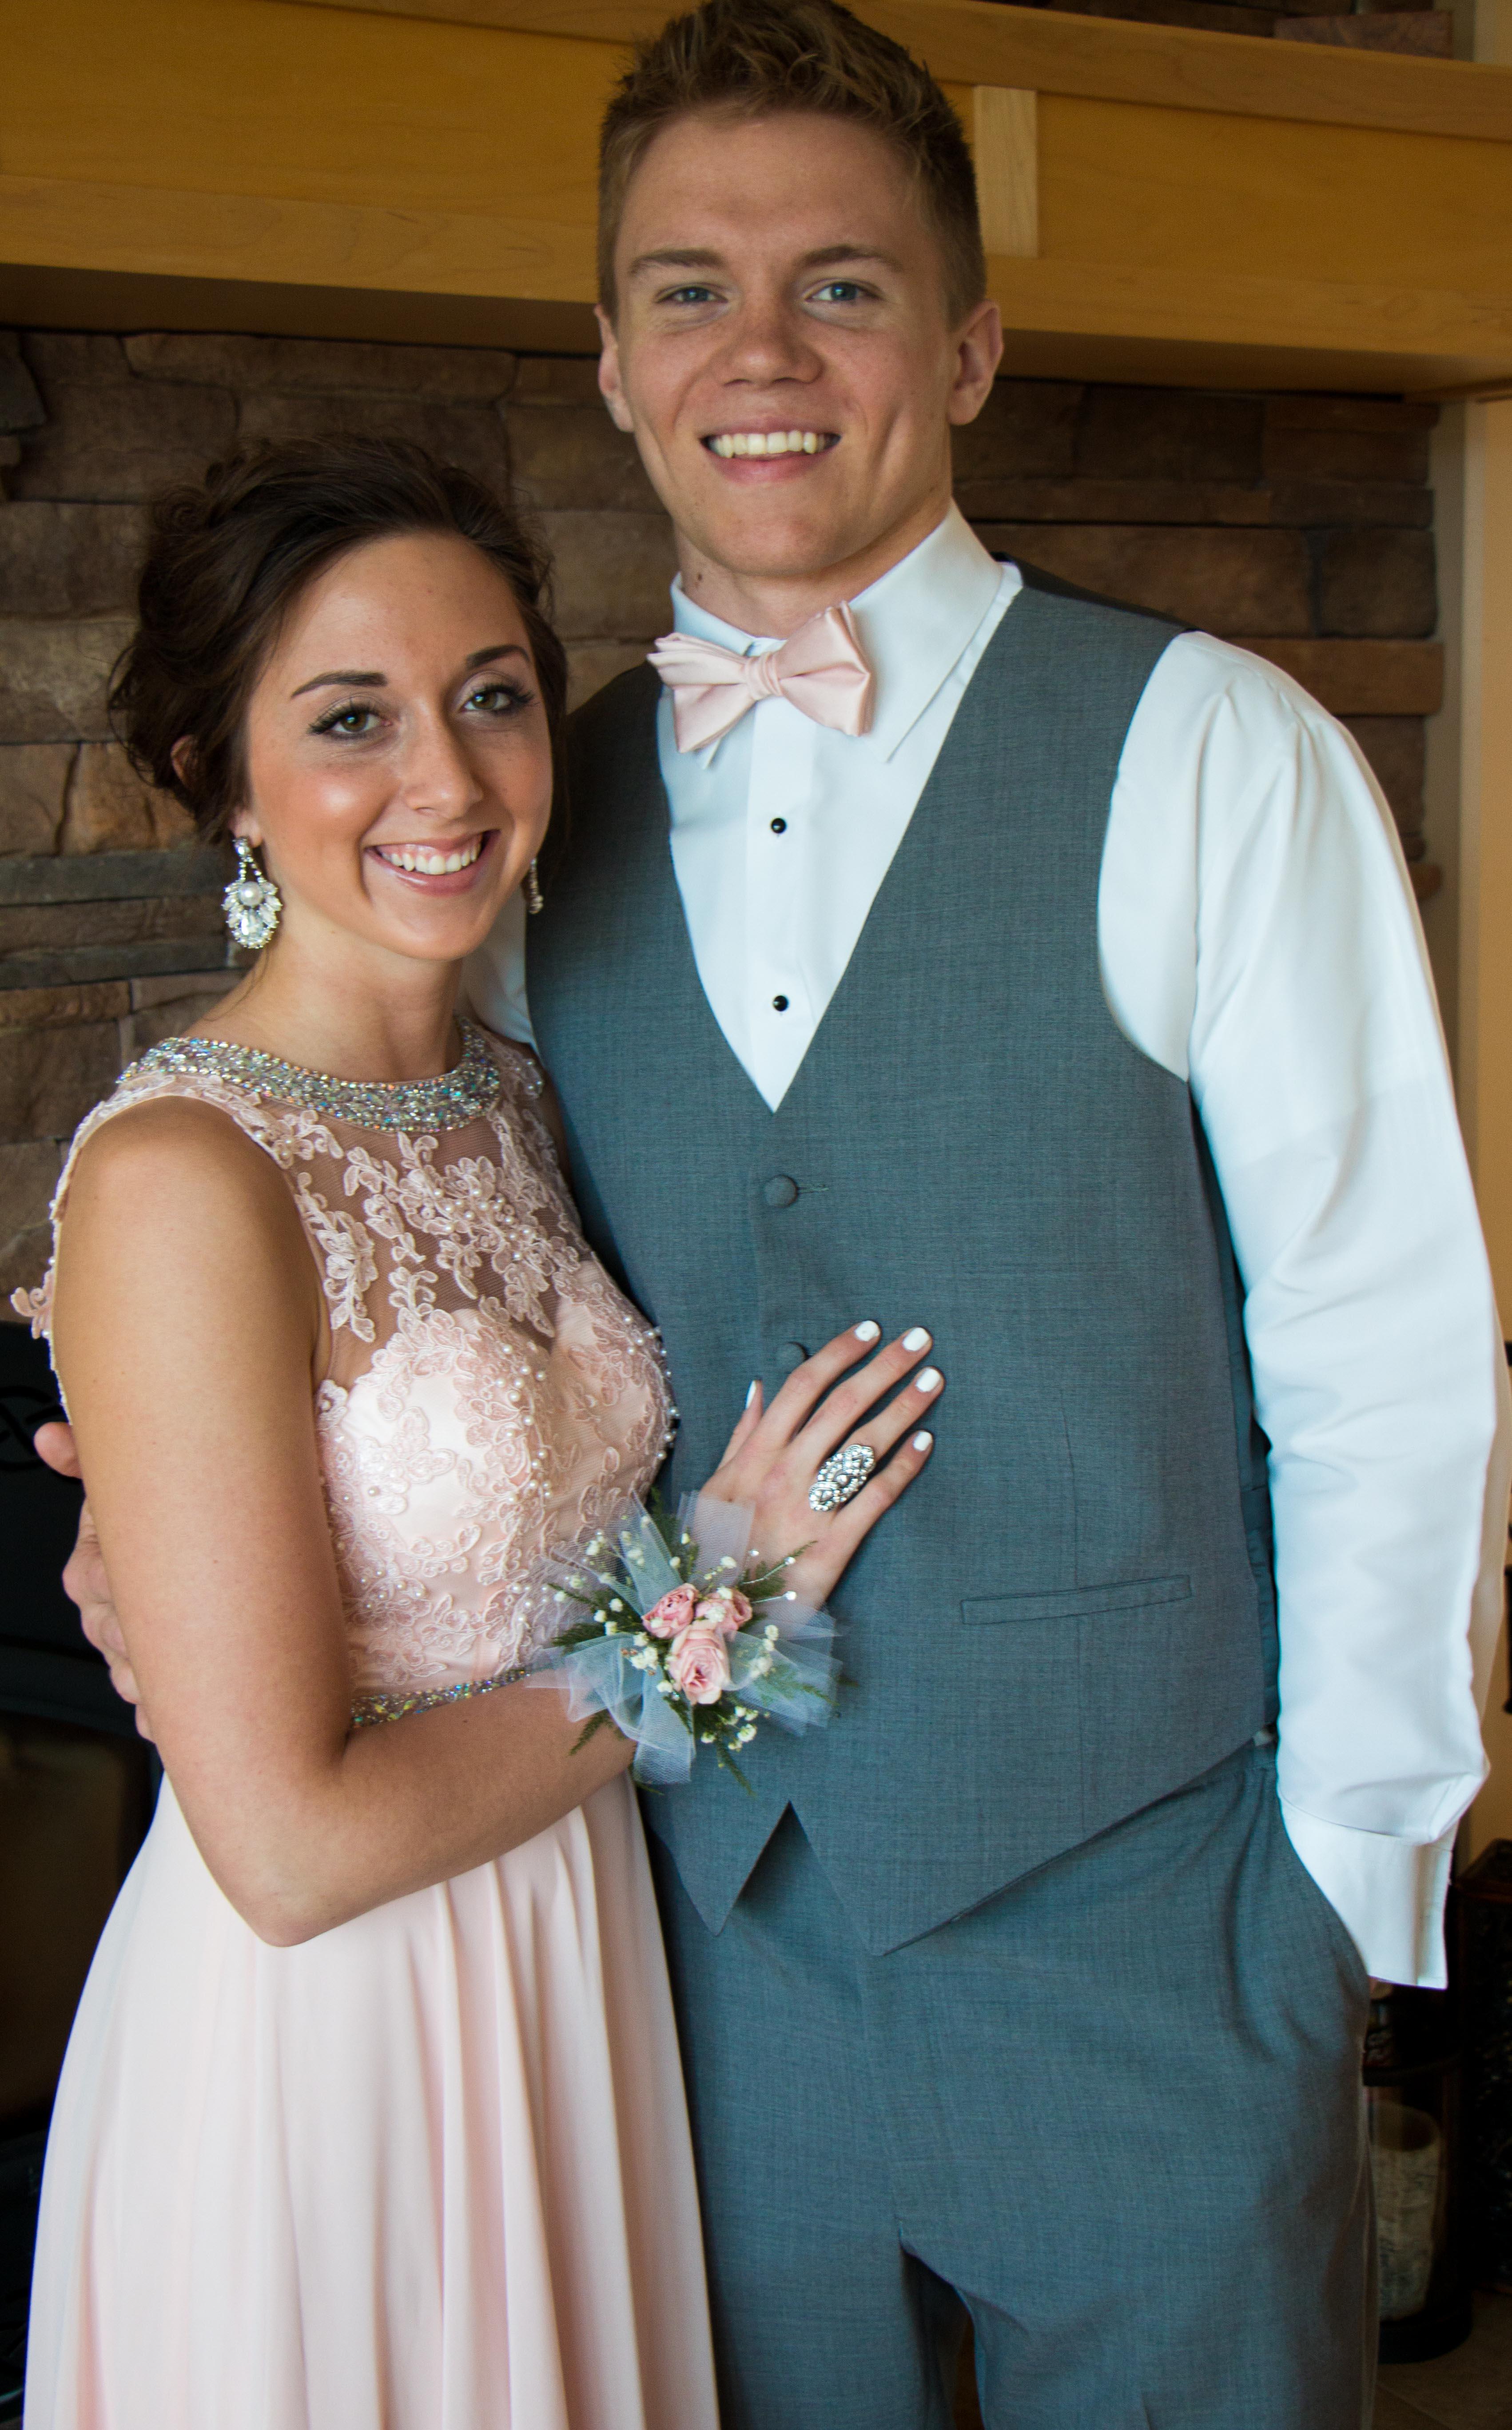 A senior prom on the prairie - The Pinke Post